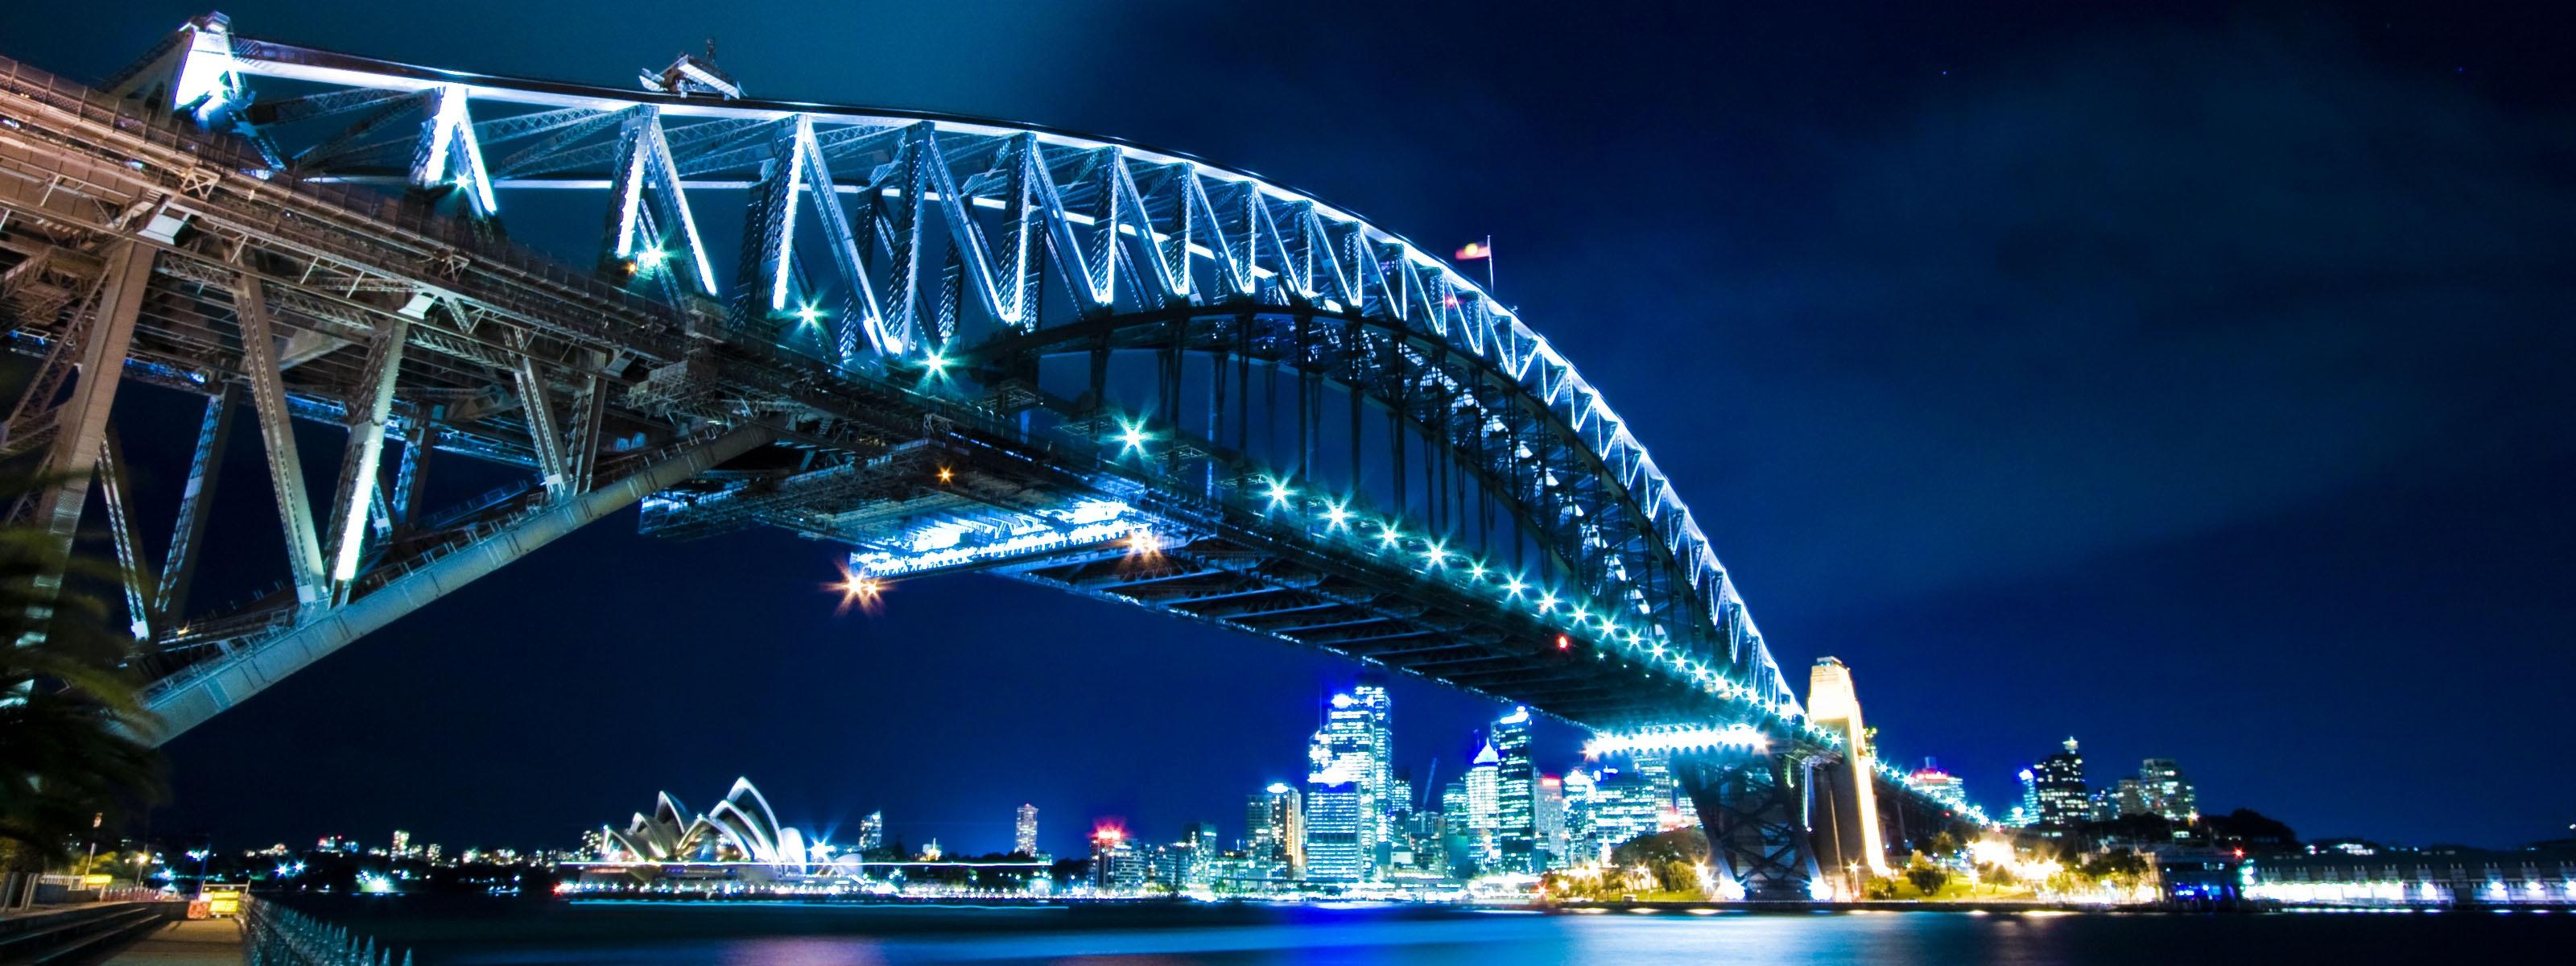 Sydney Harbour Bridge Wallpapers HD Wallpapers 3200x1200